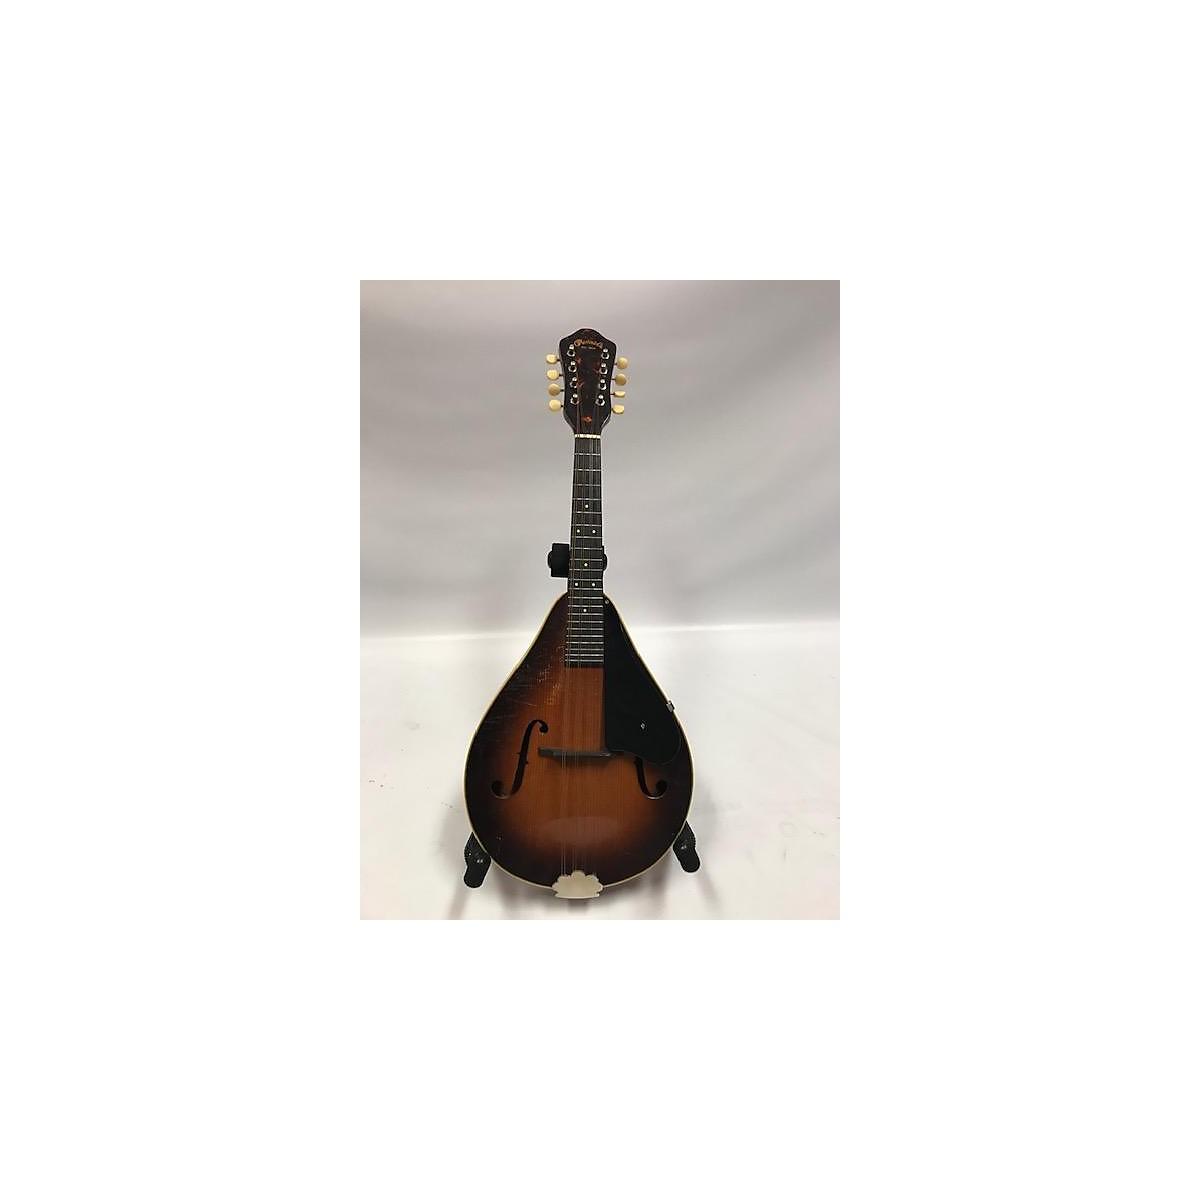 Martin 1942 2-15 MANDOLIN OHSC Mandolin